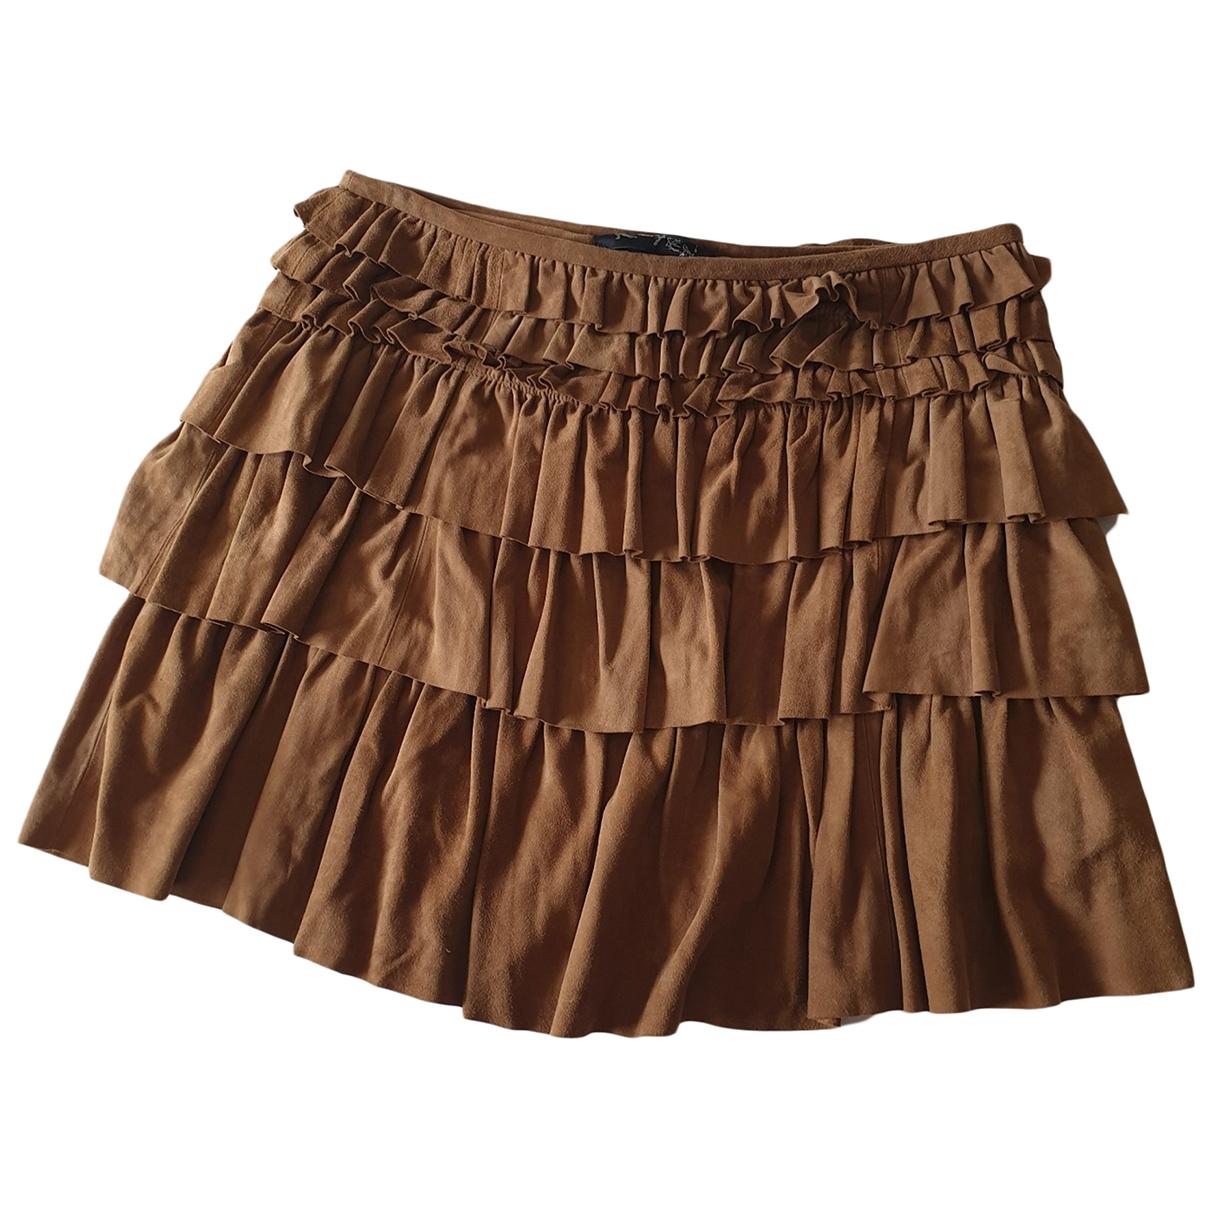 K-yen \N Camel Suede skirt for Women 40 FR